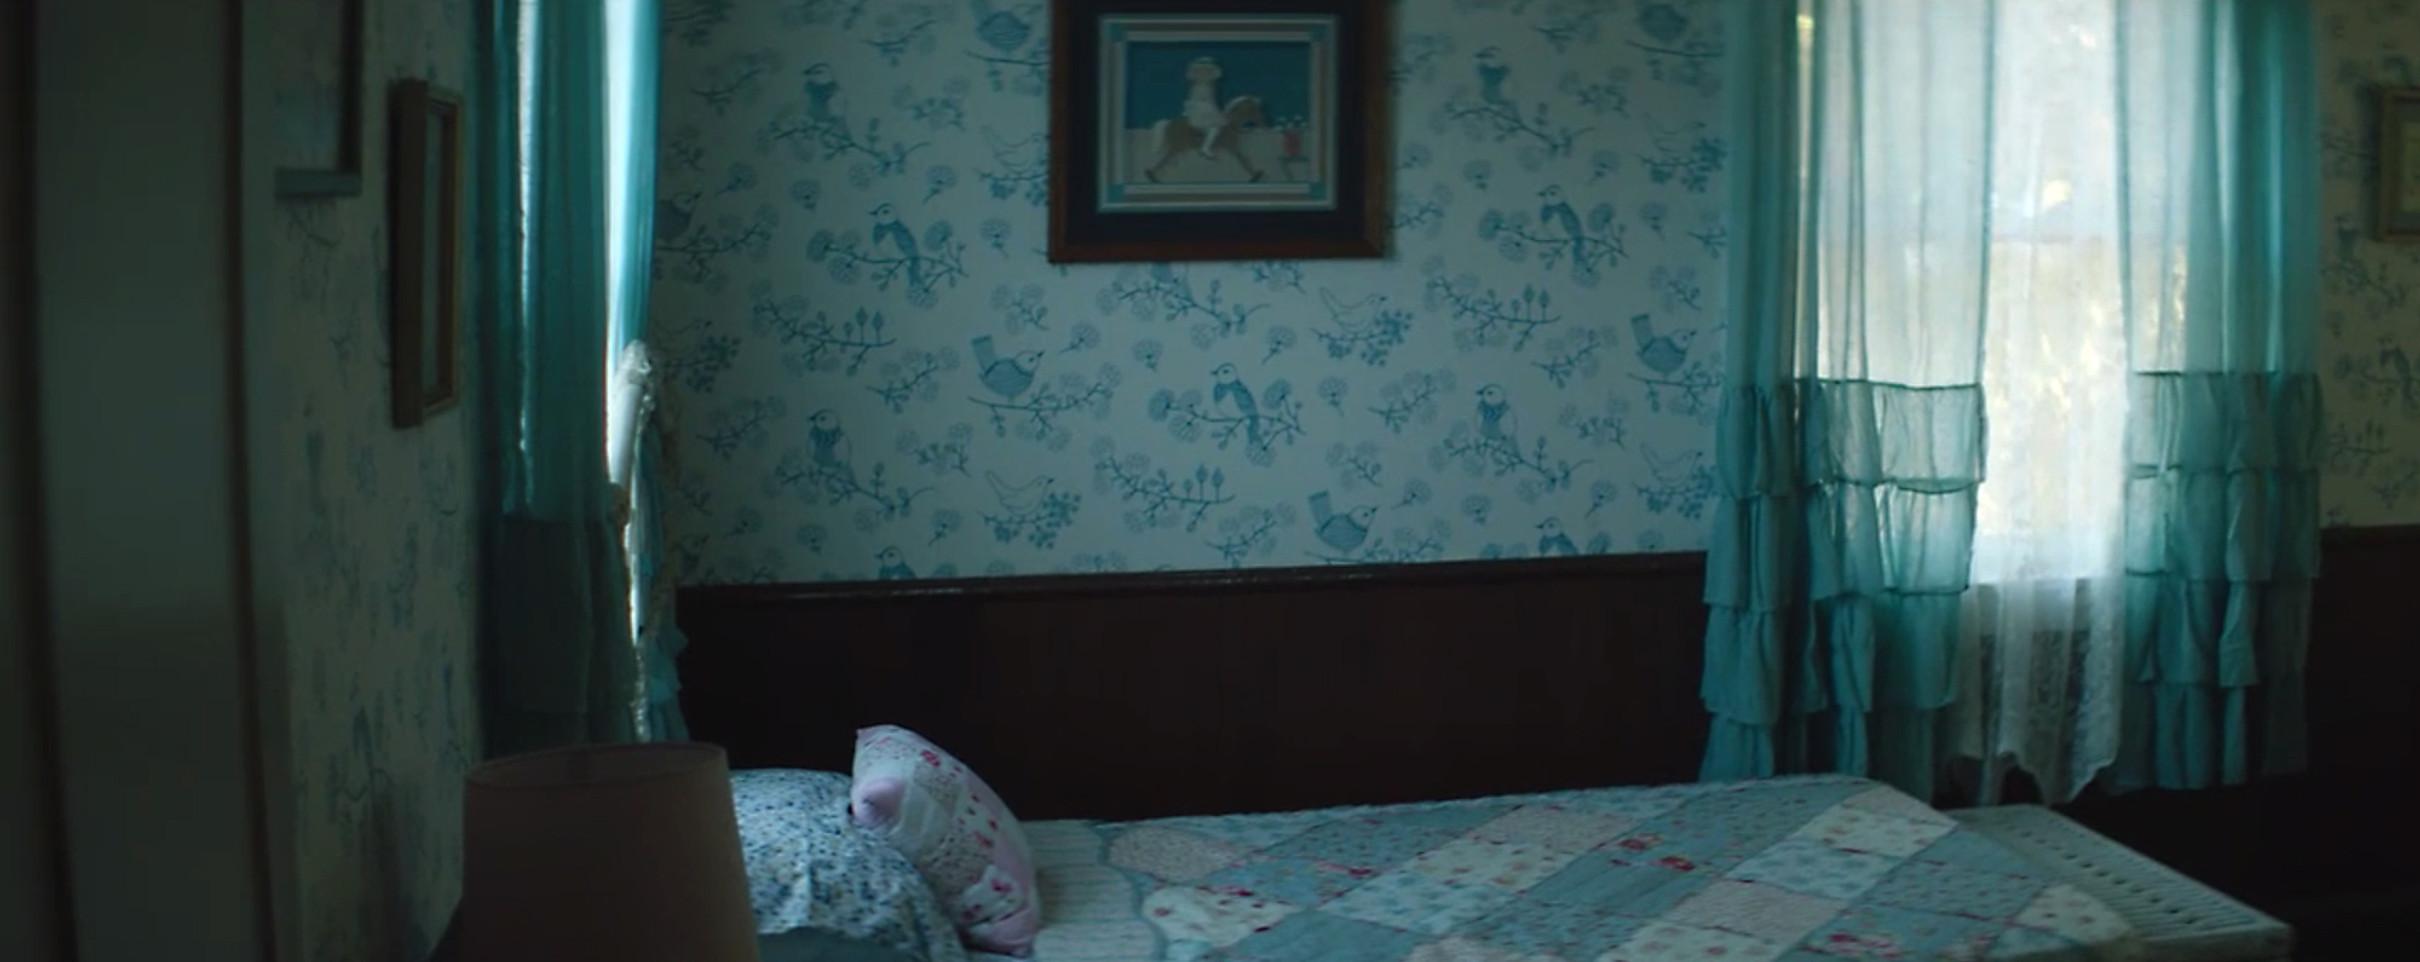 Film Still - finished nursery